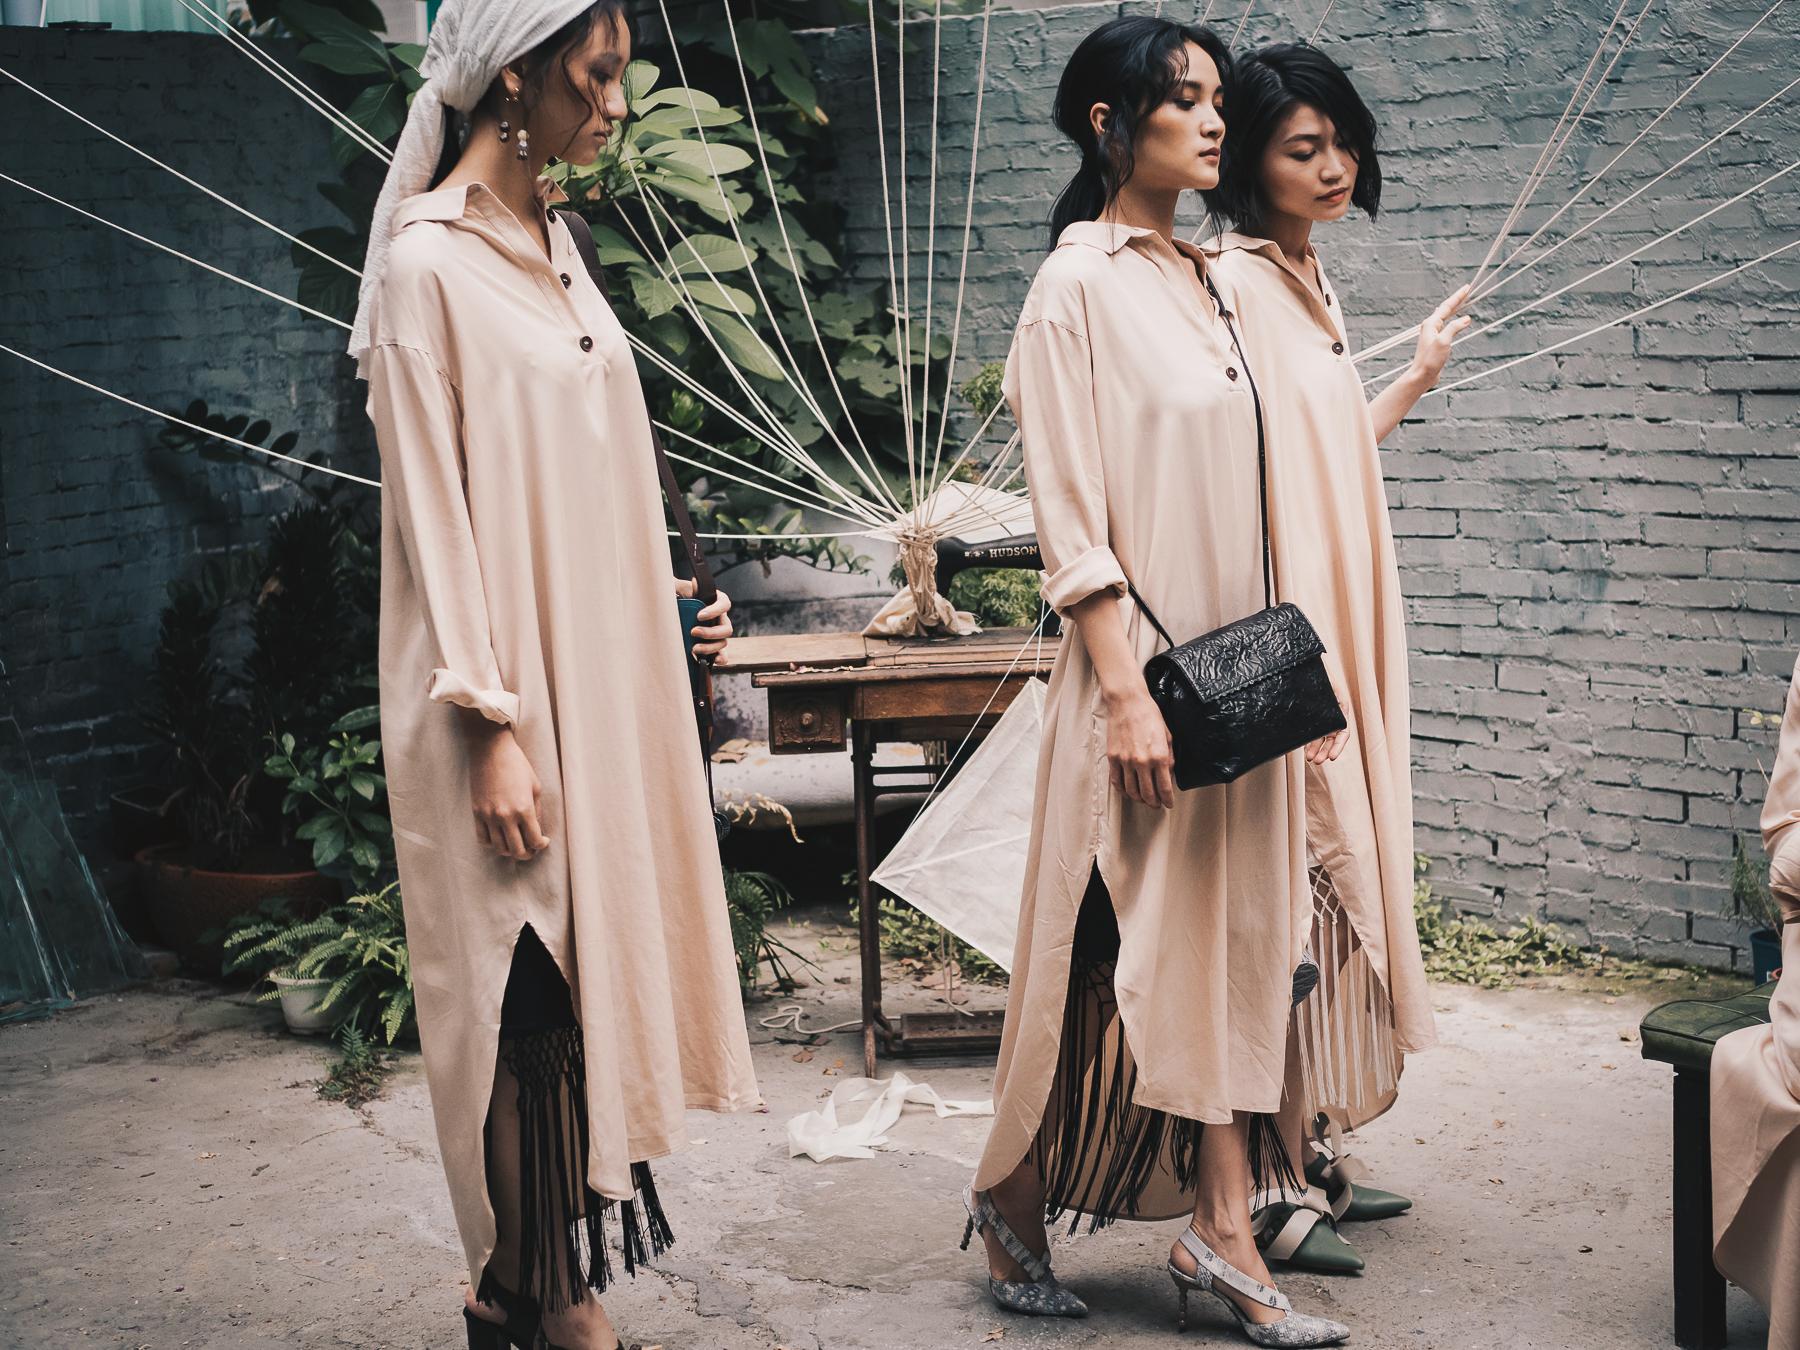 Ullnaka Dress Code 2018 - Olympus E-M1MarkII 2512 - Yes! Please Enjoy-33.jpg